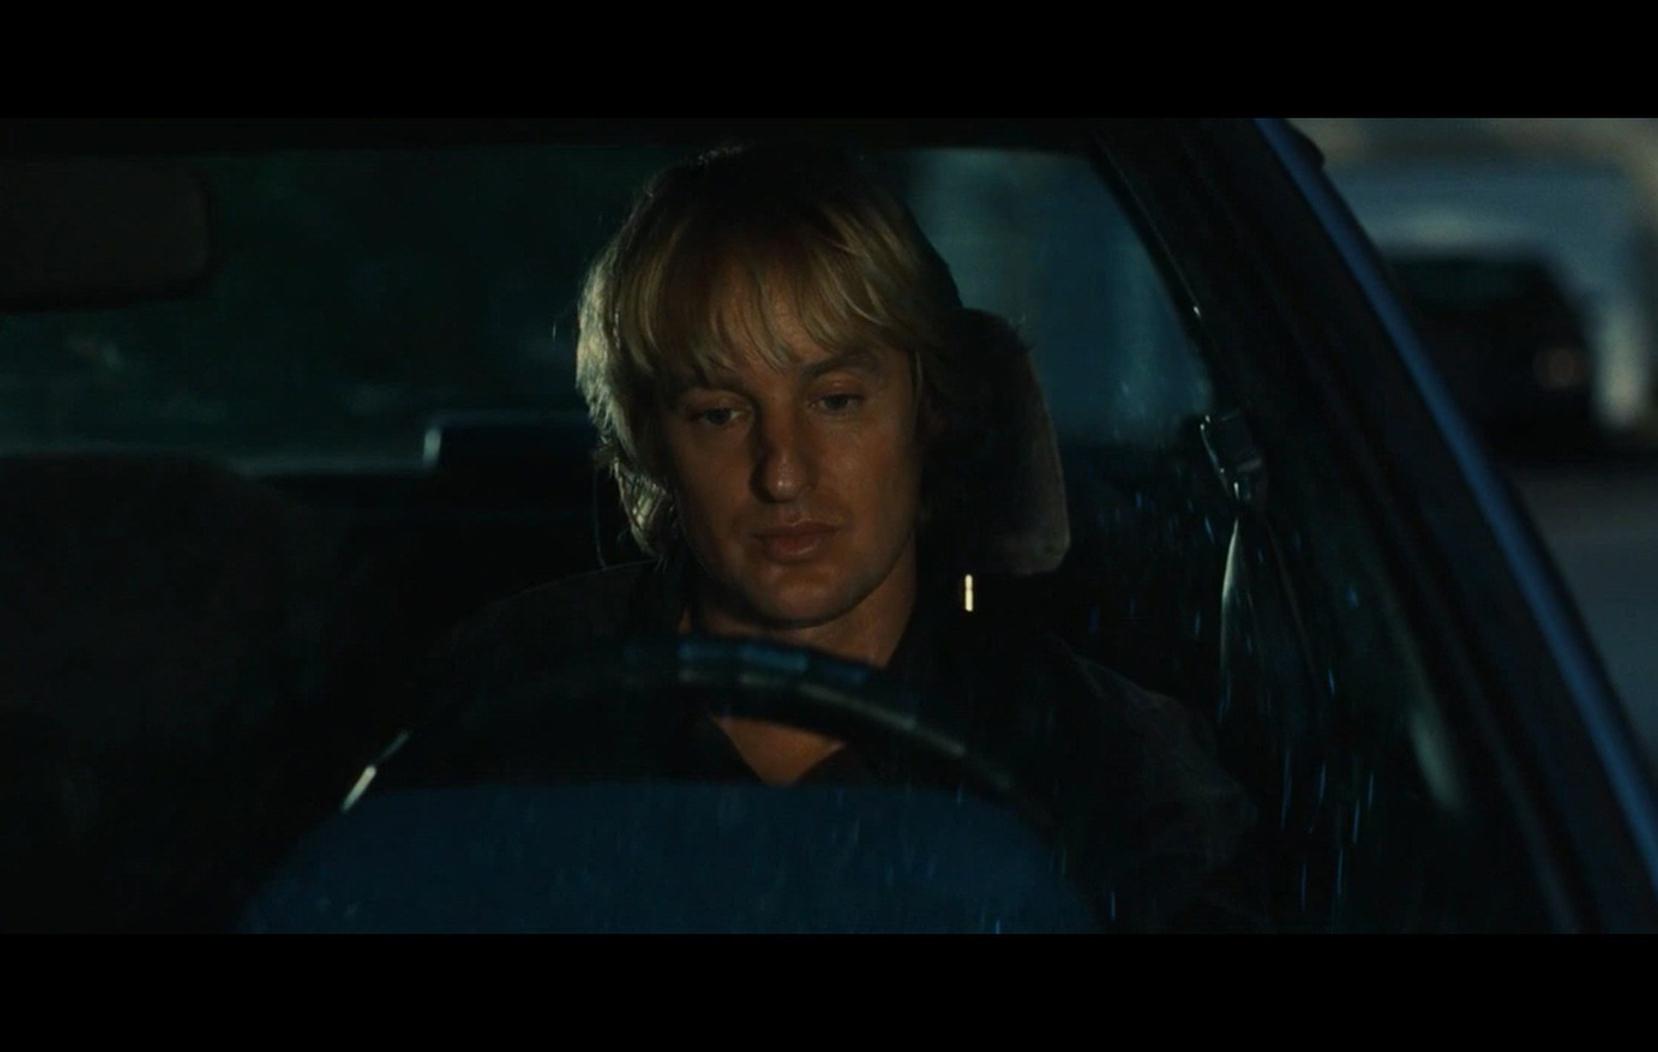 为什么有些人开车到家后会独自在车中发呆